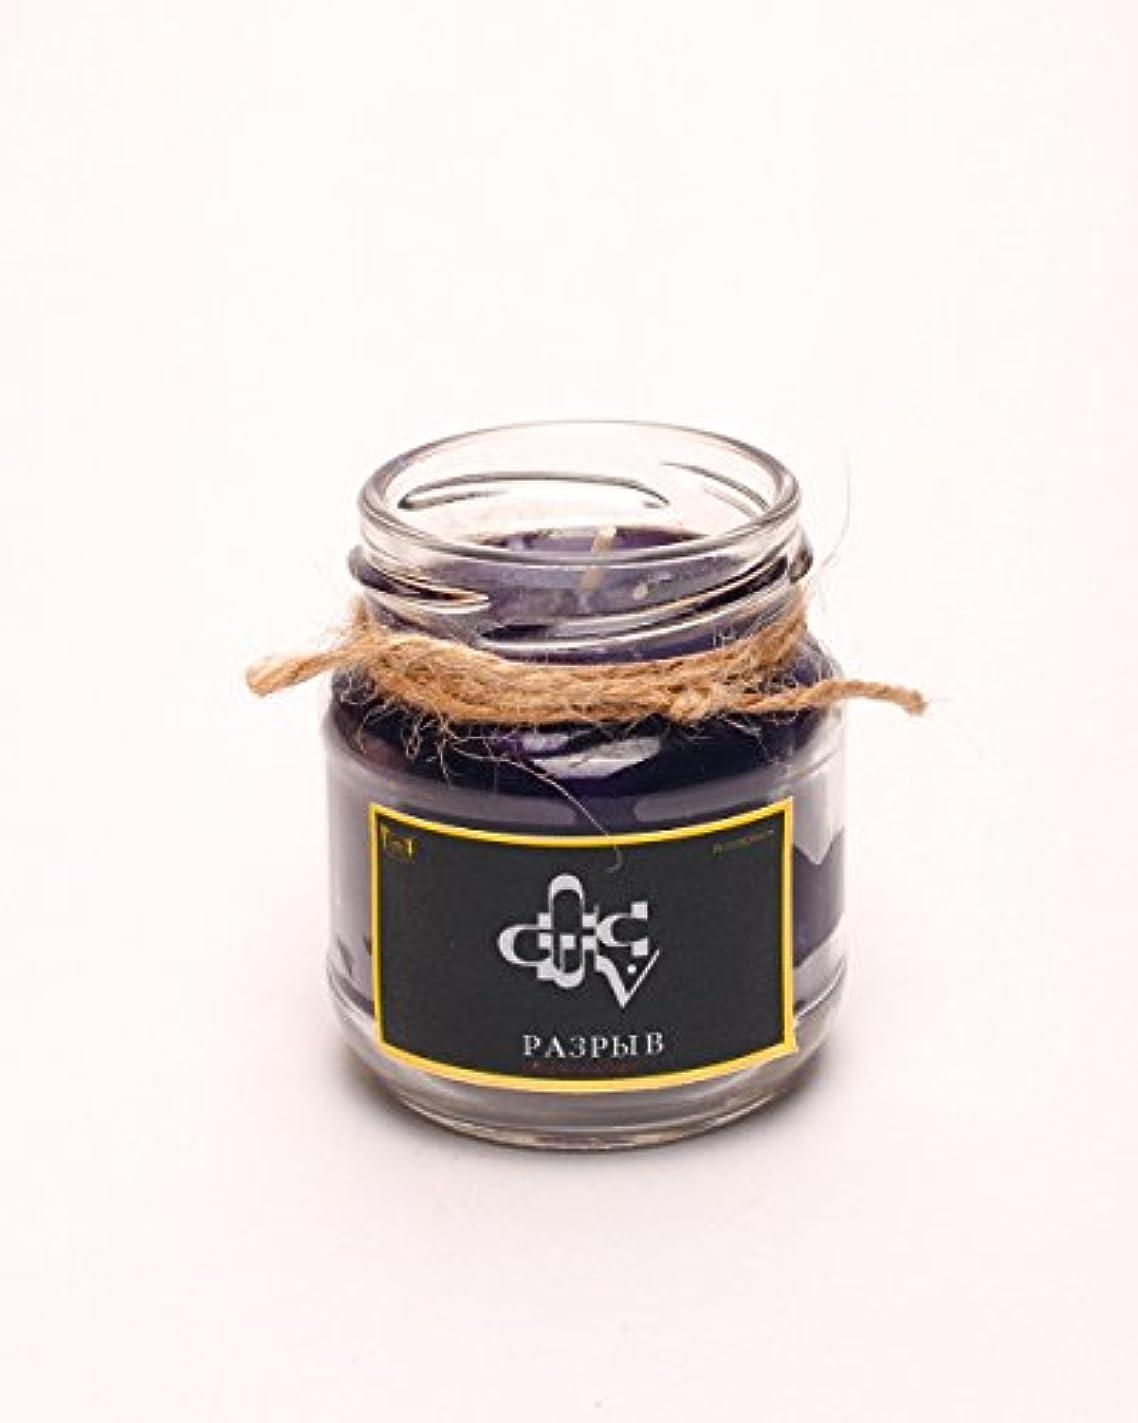 絡み合い連想クリーナーBreak candle-talisman Wicca Pagan